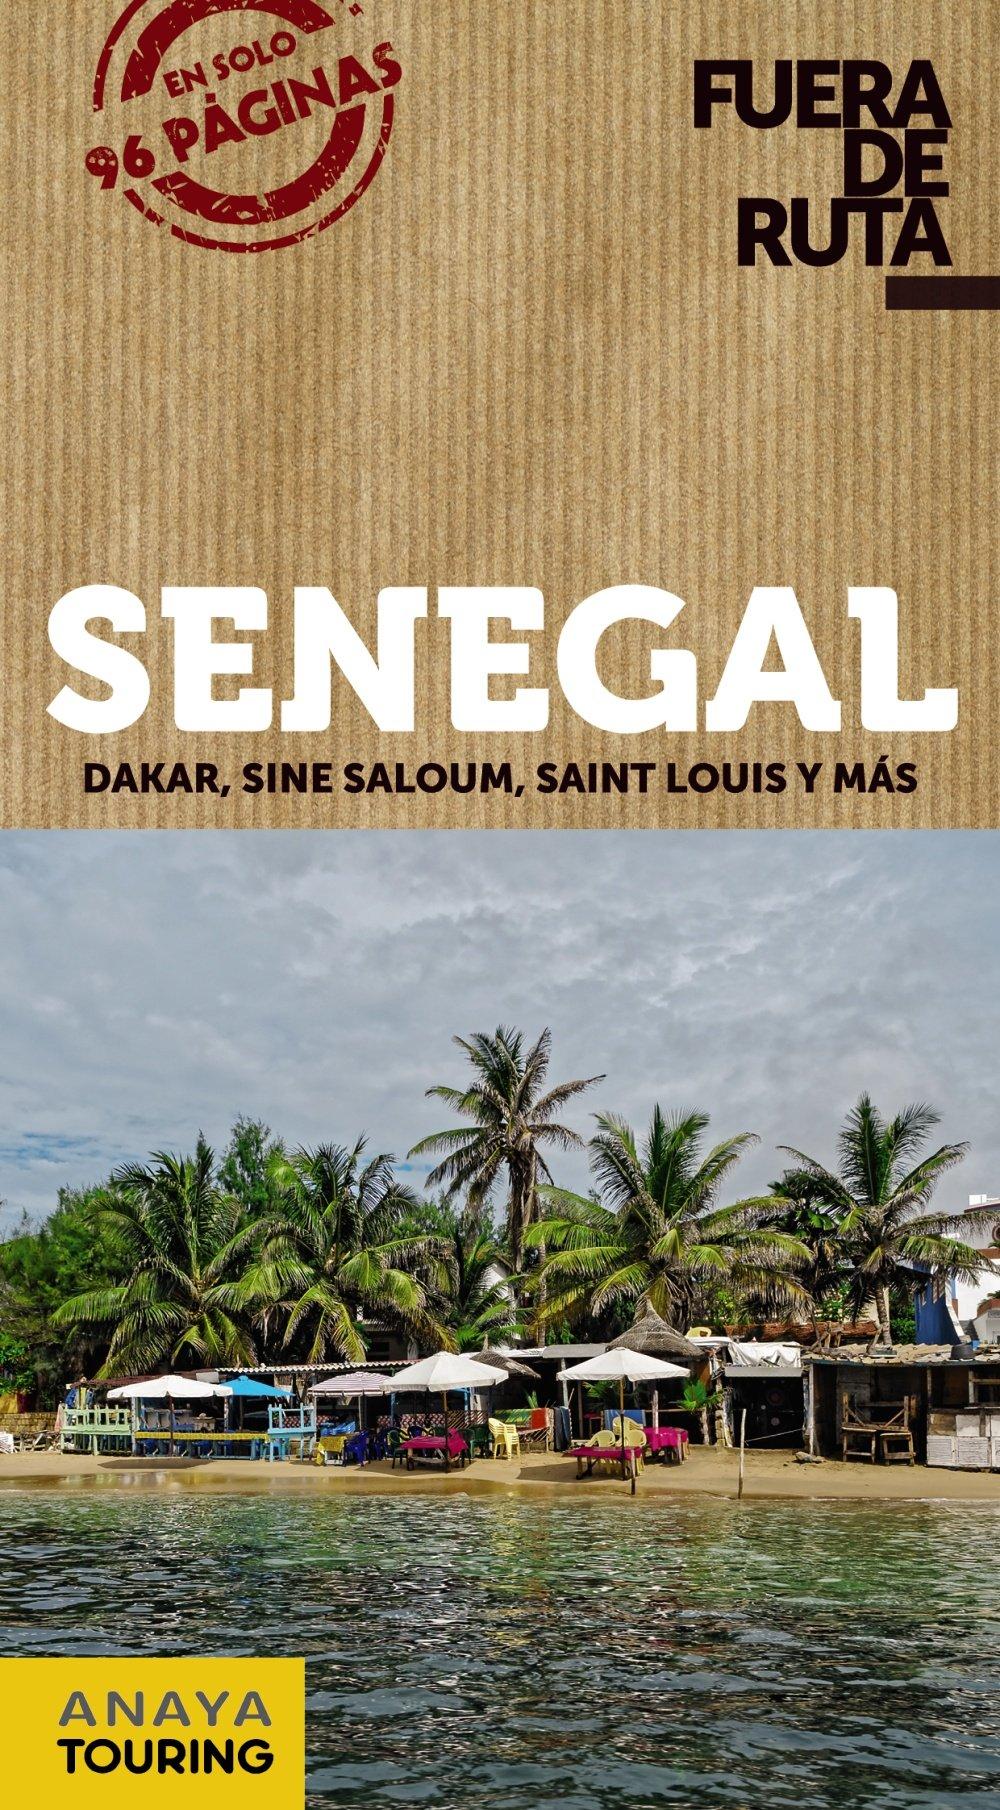 Senegal (Fuera De Ruta) 1